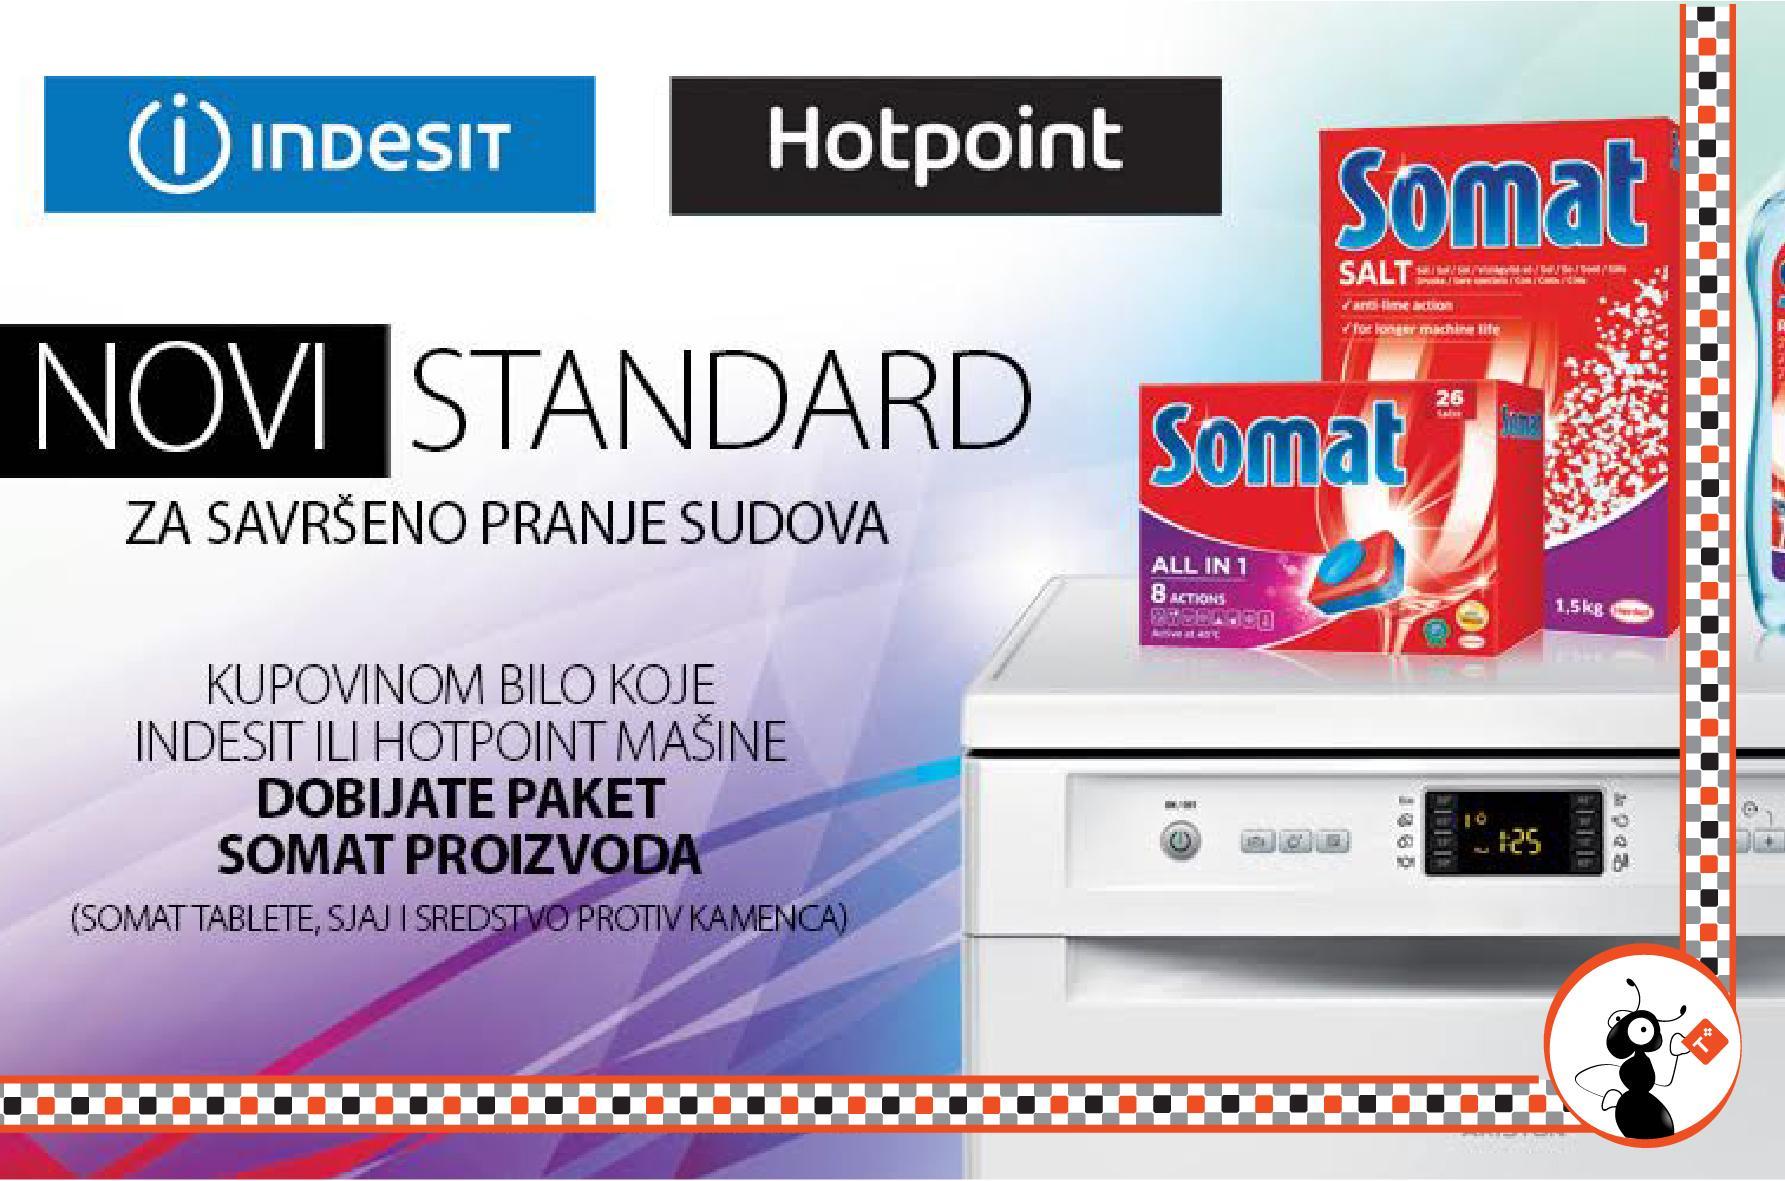 NOVI standard za savršeno pranje sudova